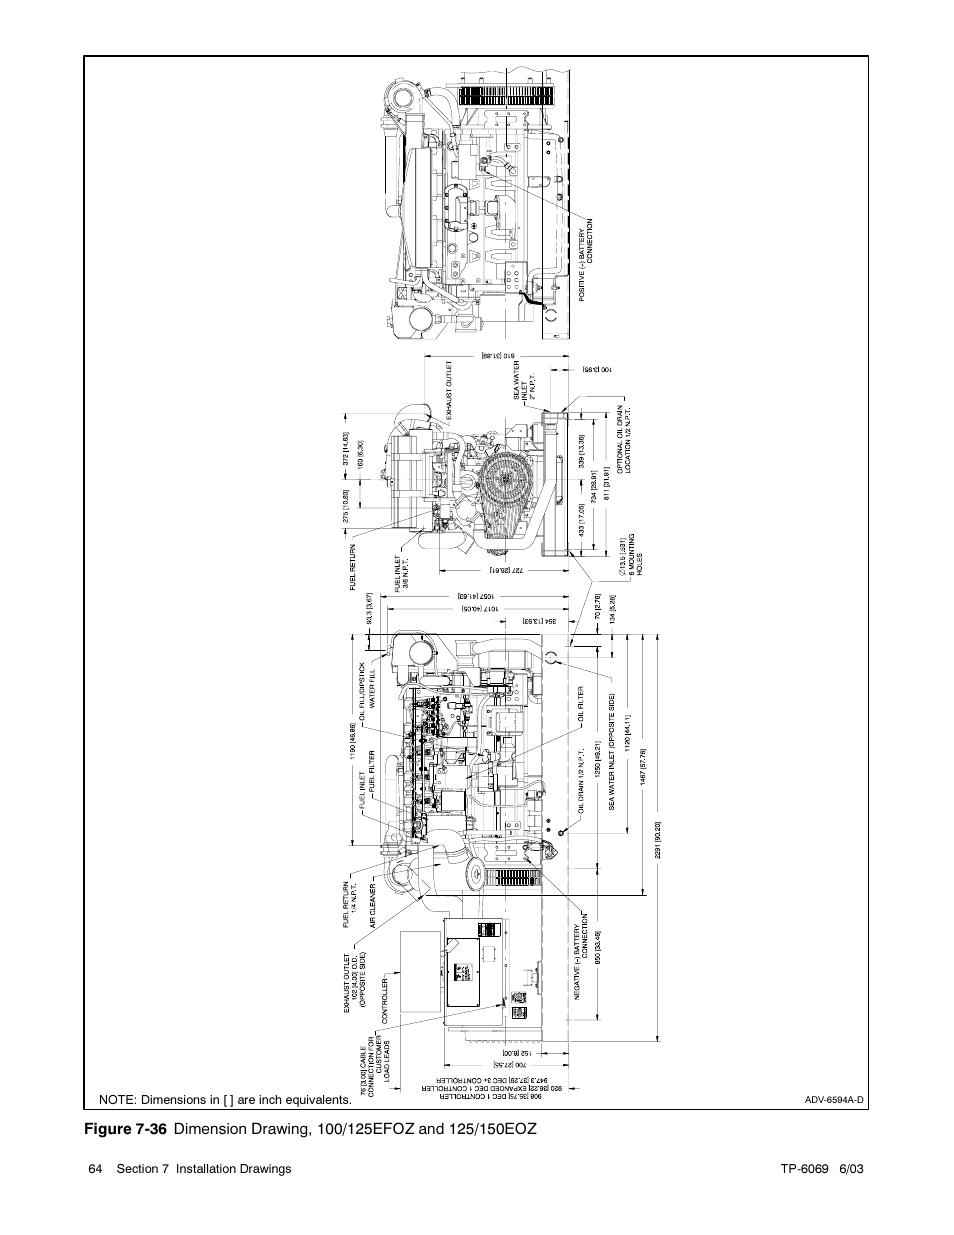 Kohler Marine Generator Sets 11EFOZ/13EOZ User Manual